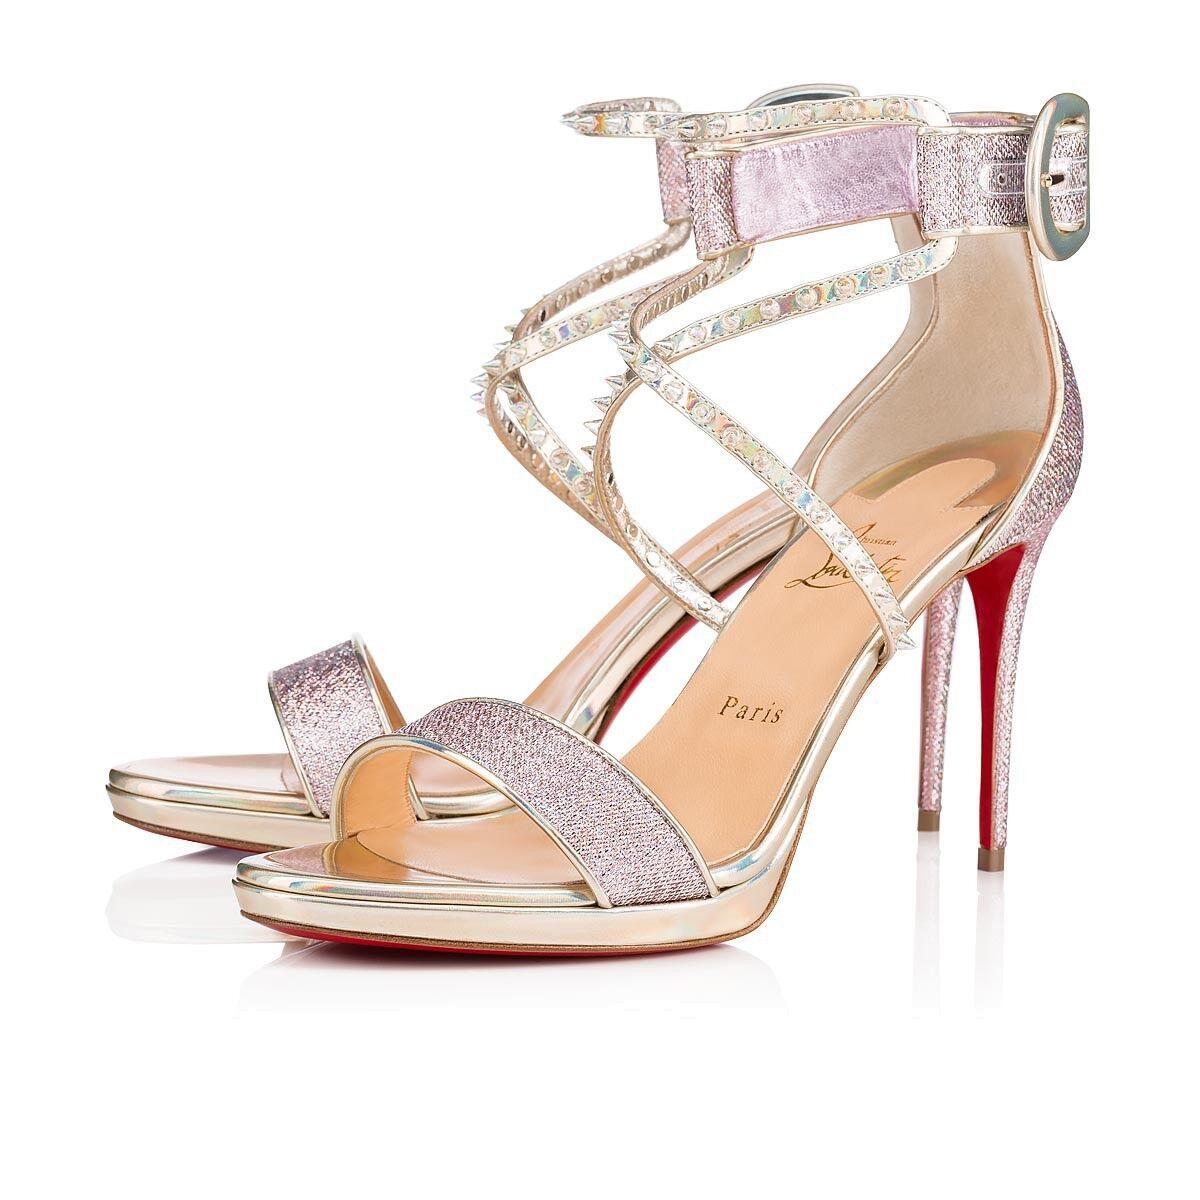 Nuovo Christian Louboutin Choca Lux Lupin Lurex  Sandals 100mm Heel Dimensione 38   US8  controlla il più economico